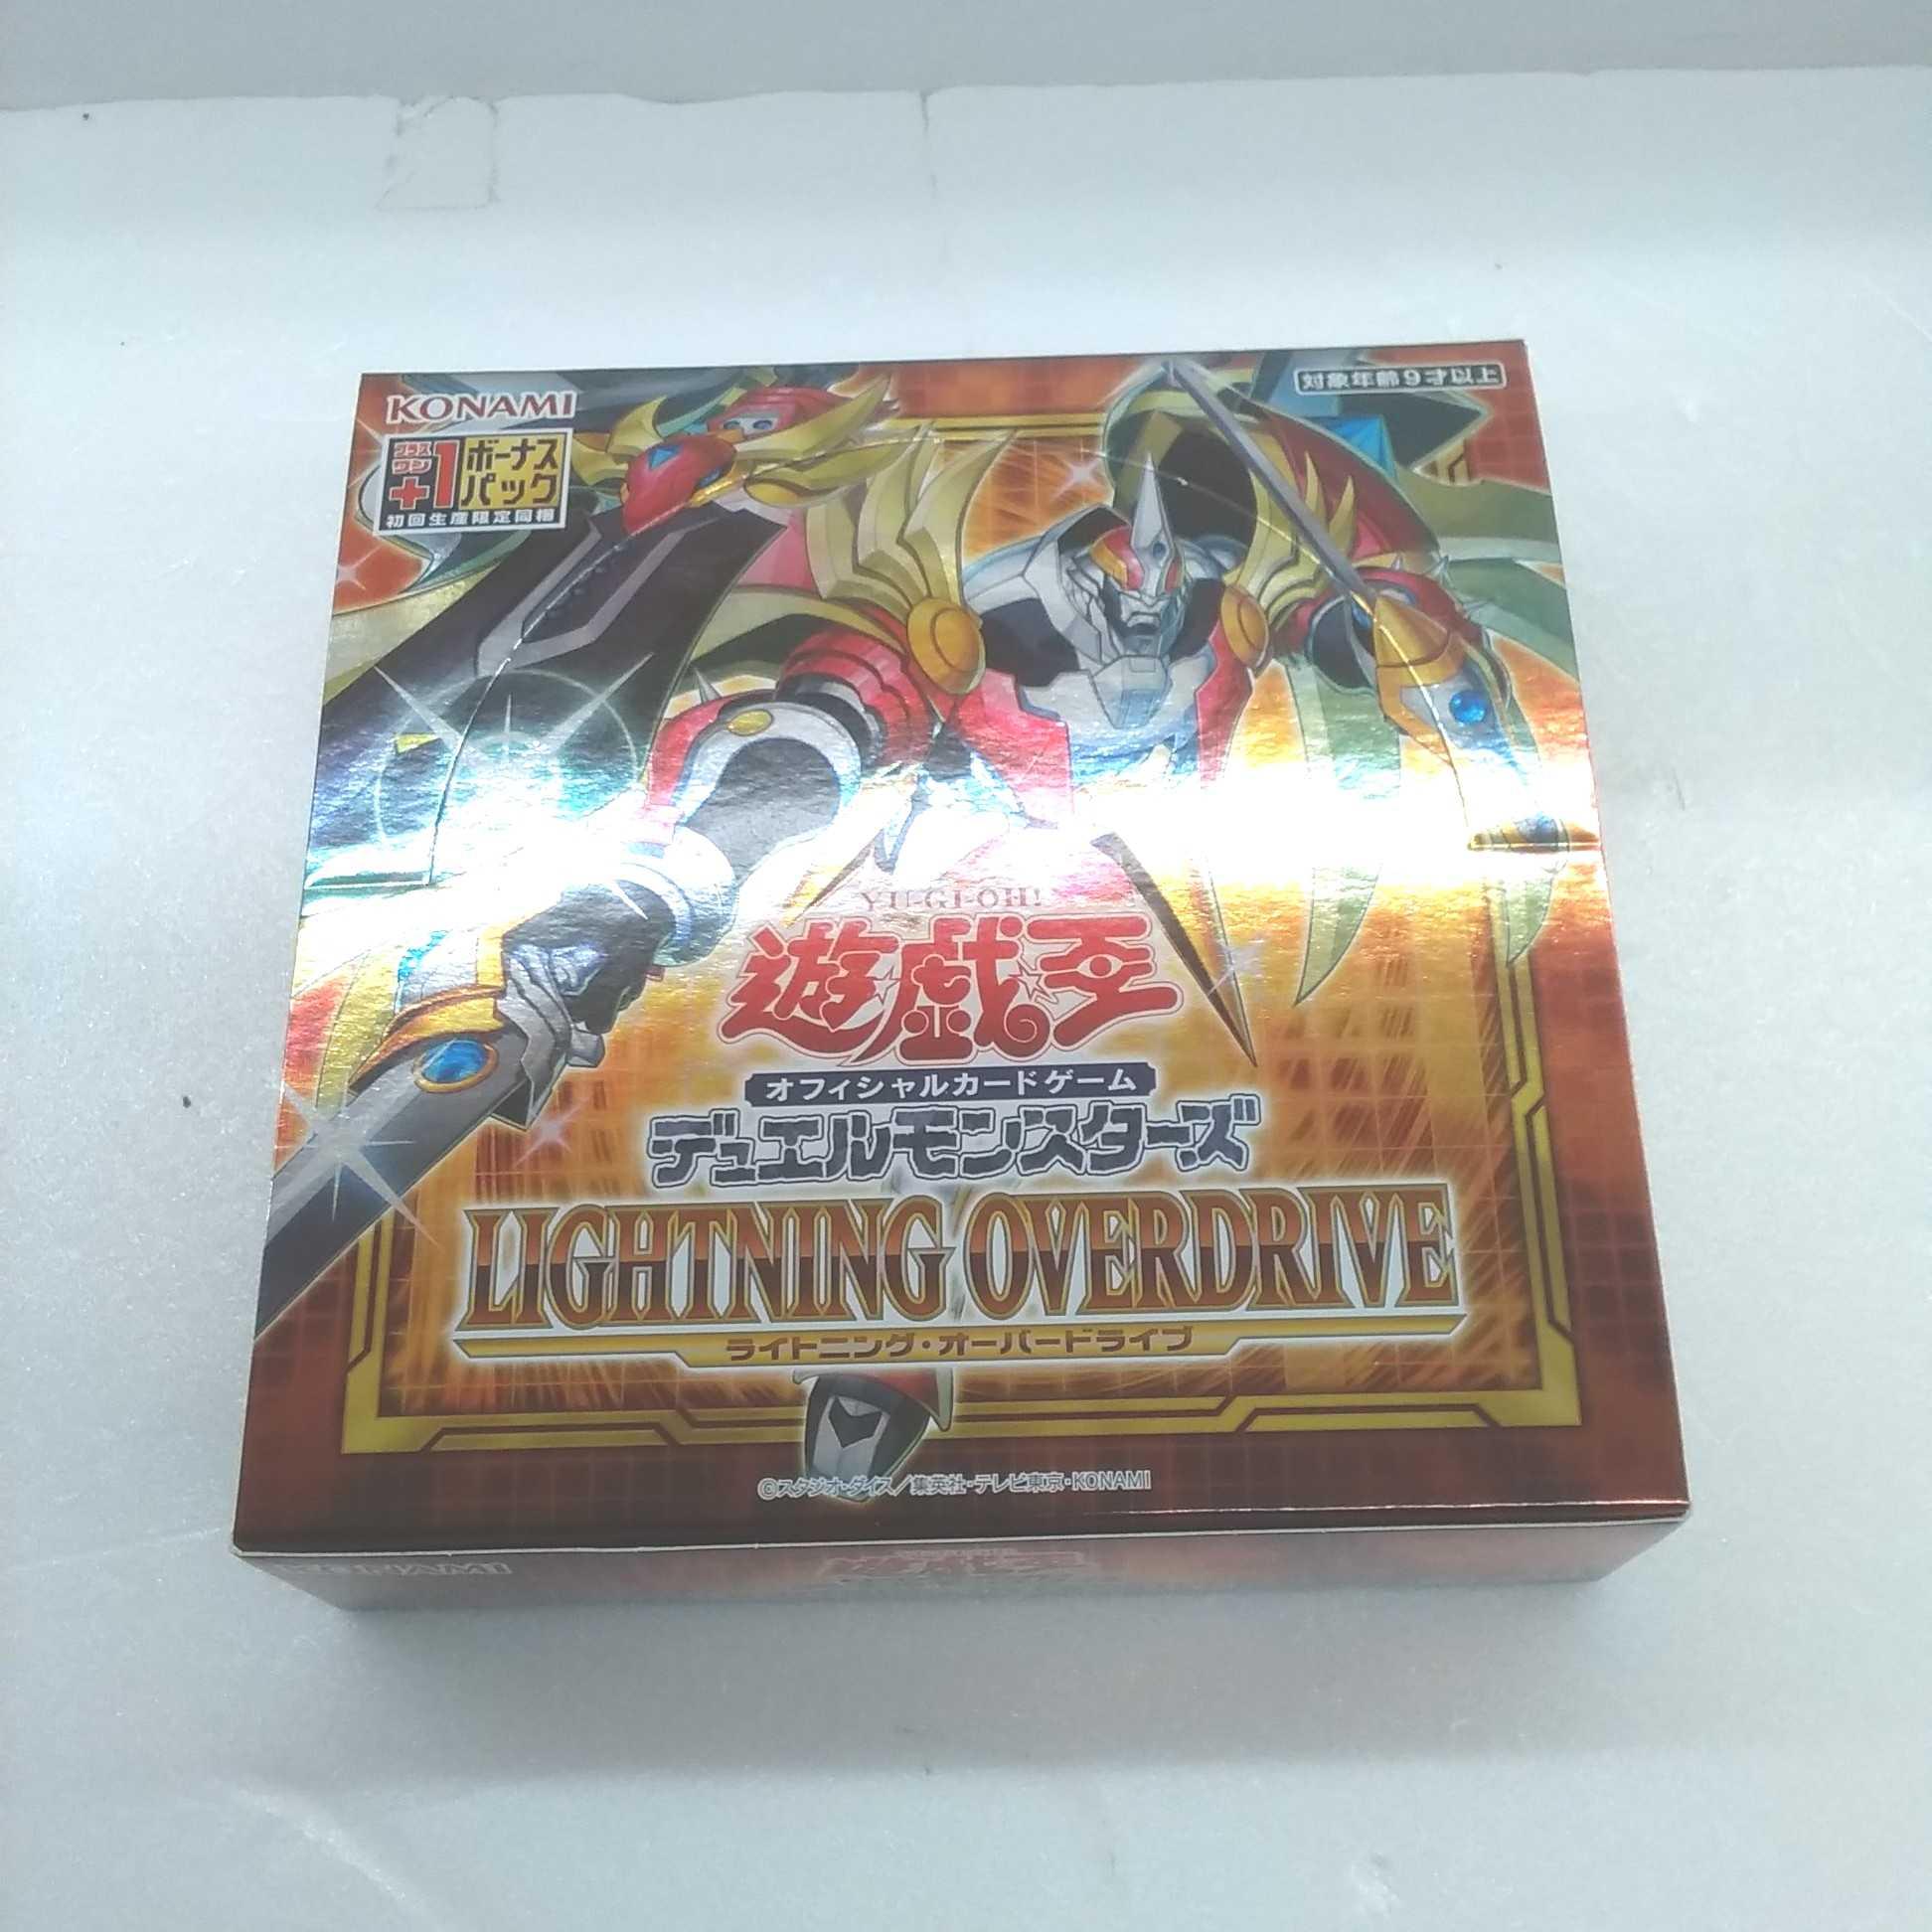 遊戯王 ライトニング・オーバードライブ|コナミ